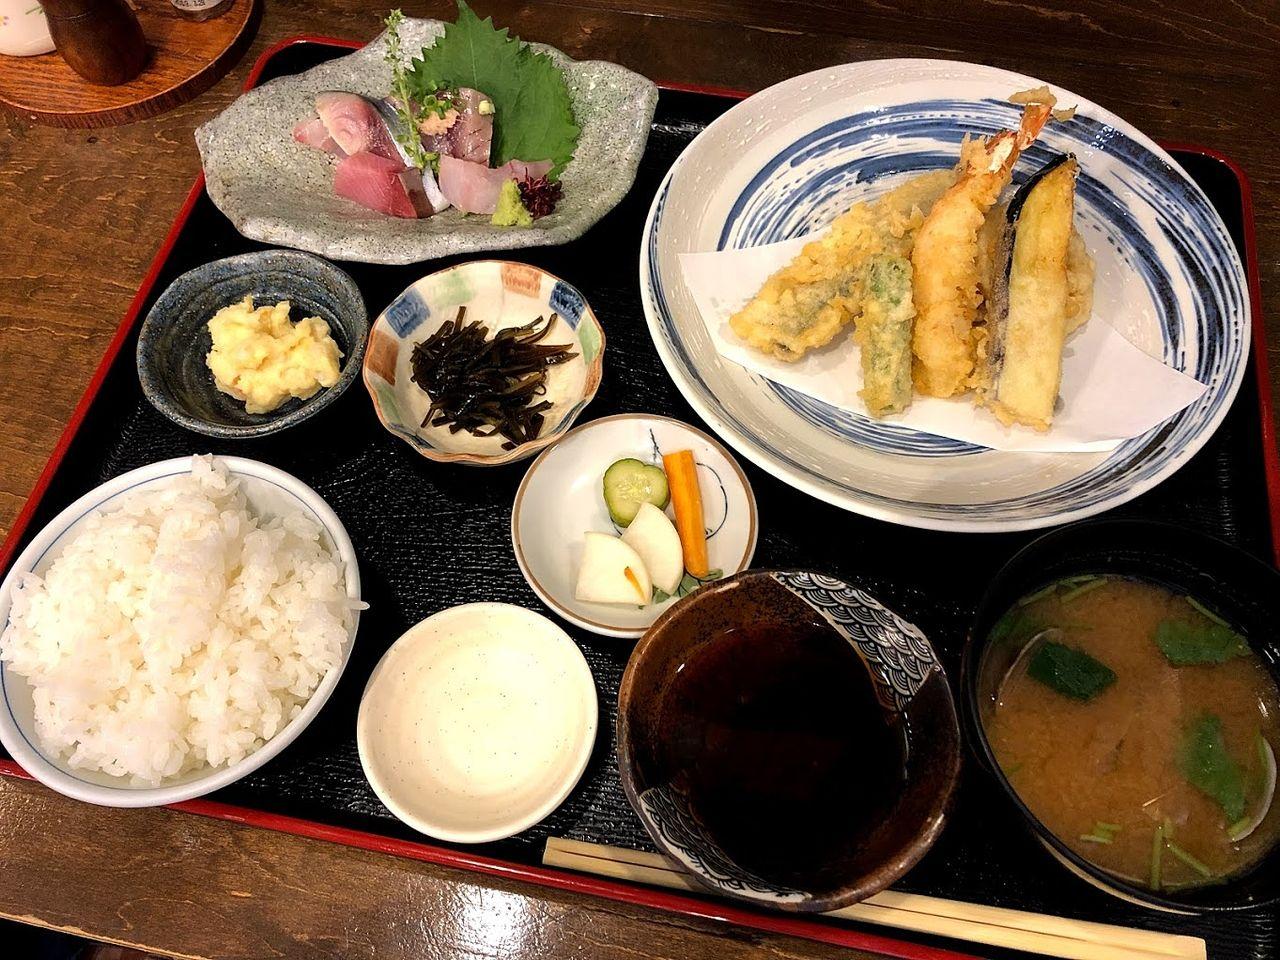 天ぷら盛り合わせ 1,000円